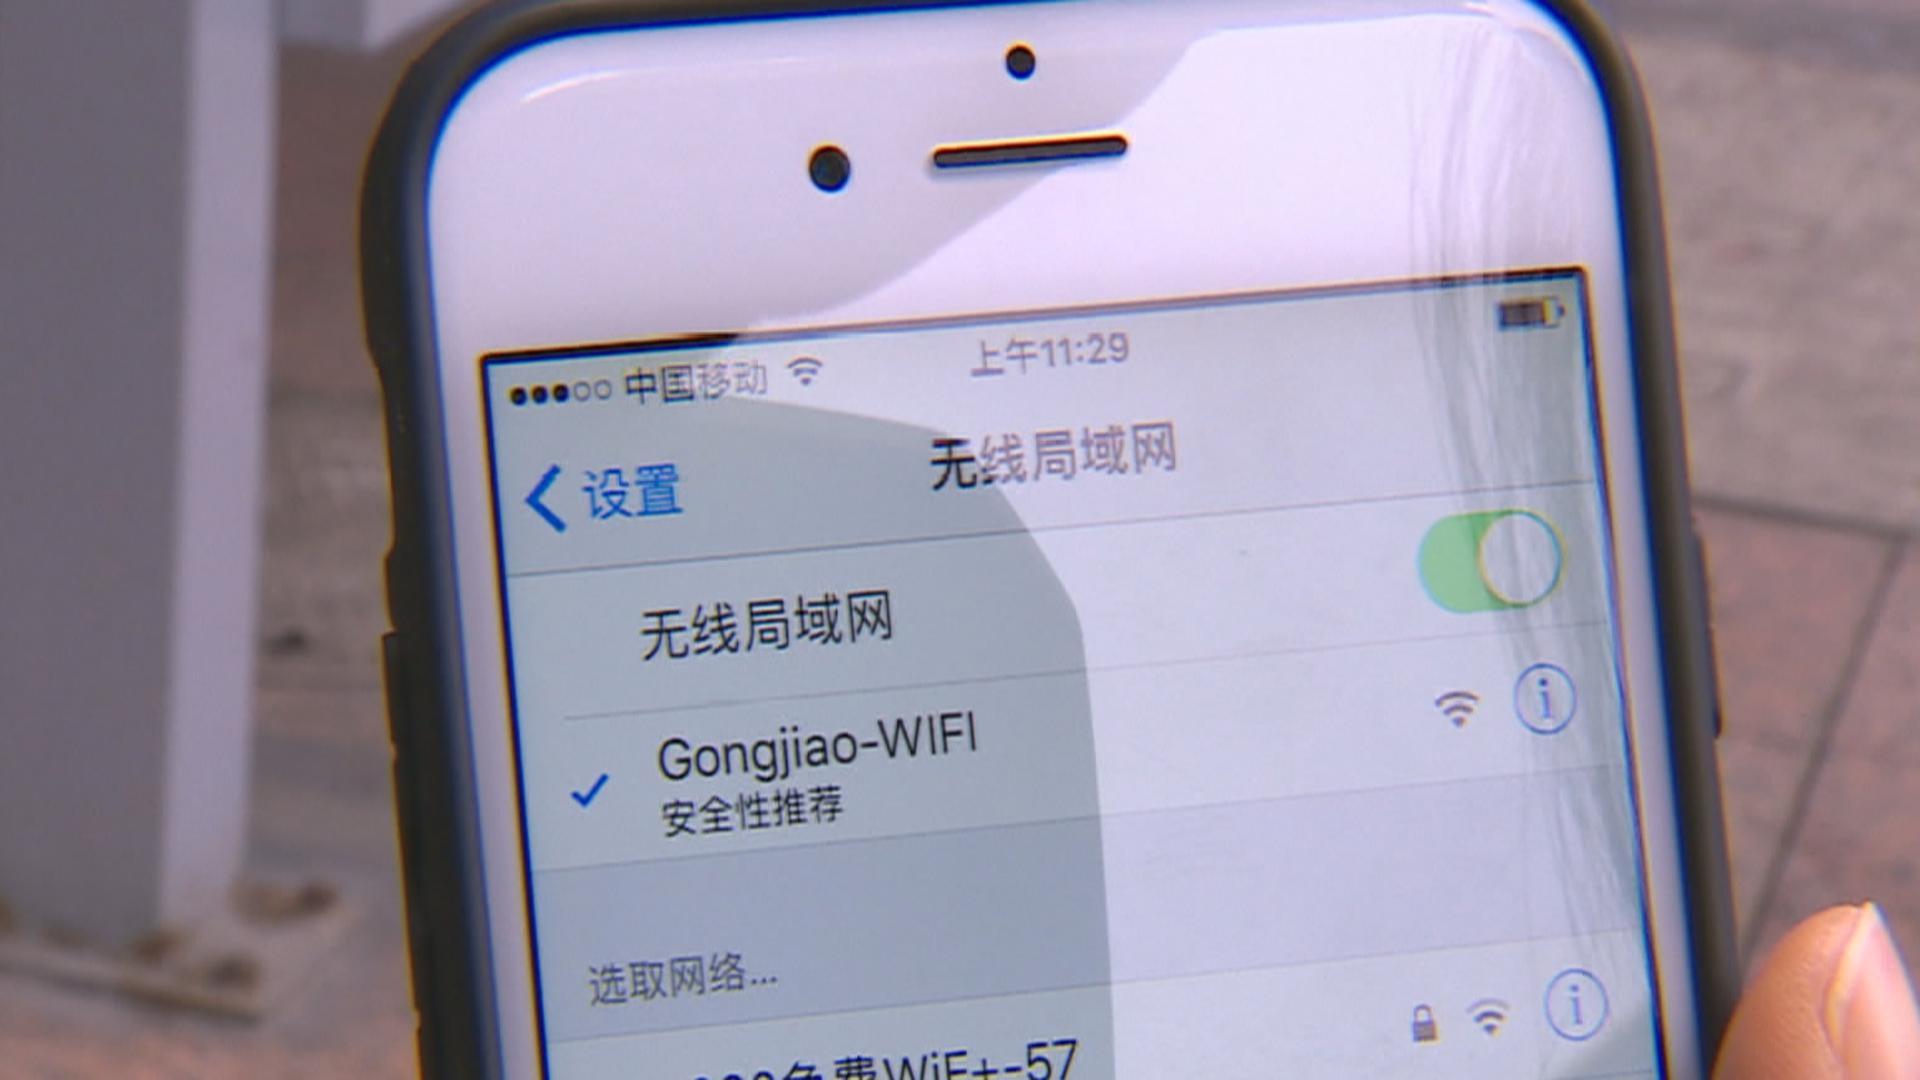 成都WiFi热点数量超过北上广深 位列全国第一【2月23日】